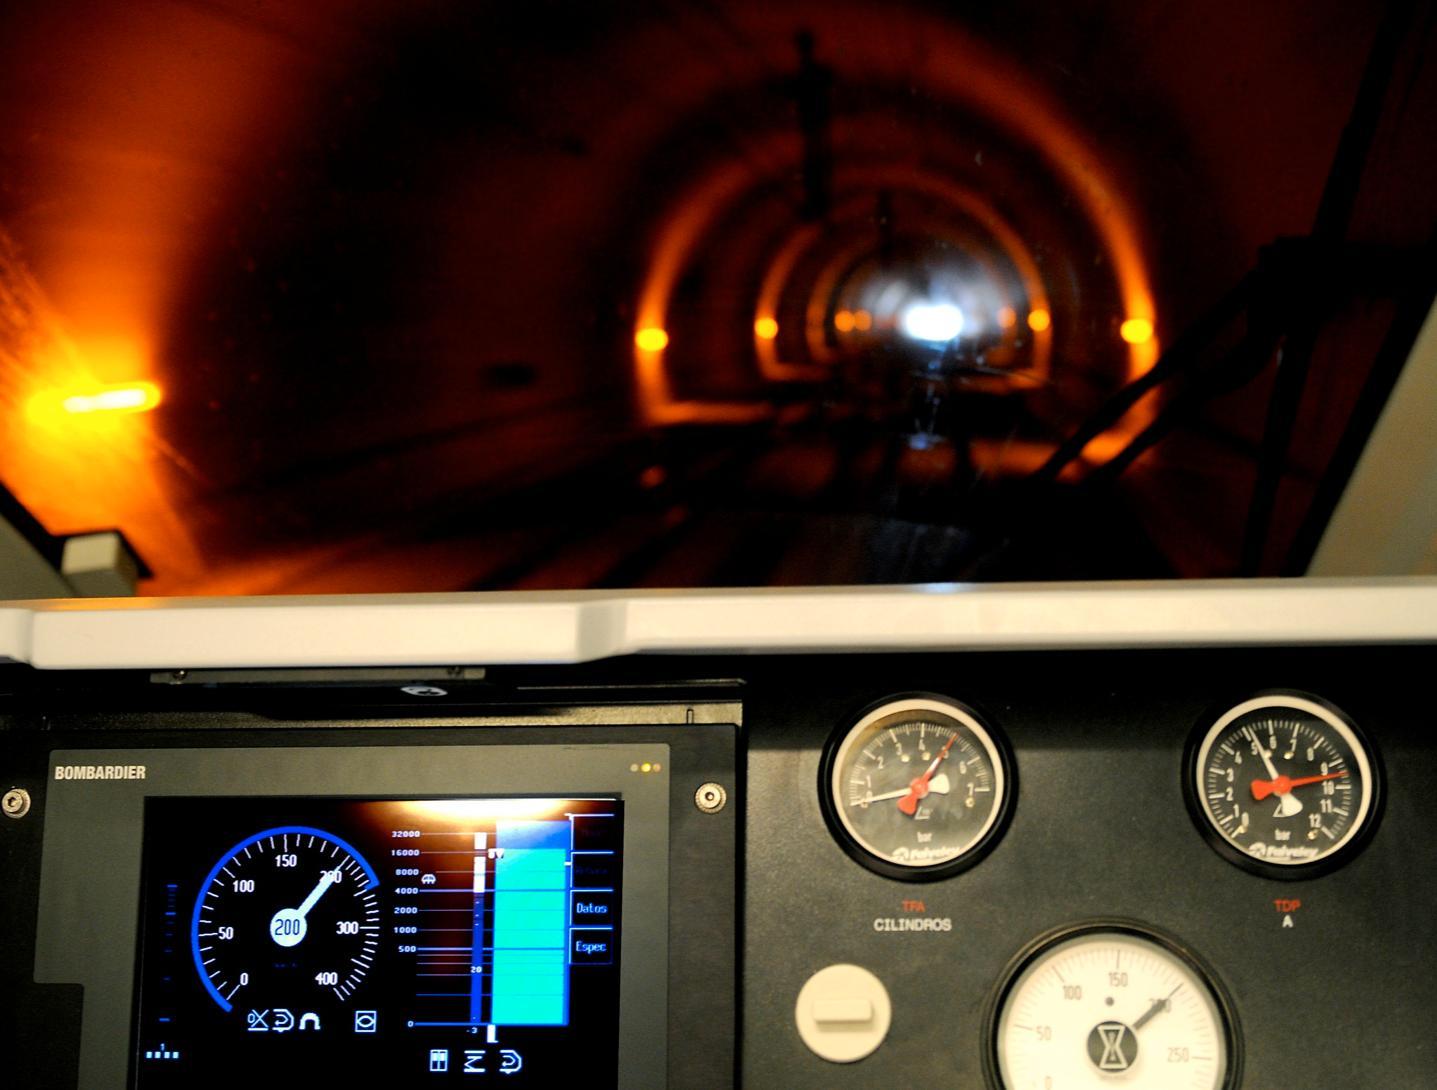 Lokføreren får informasjon om fart og kjøretillatelser på en skjerm.Foto: Jernbaneverket